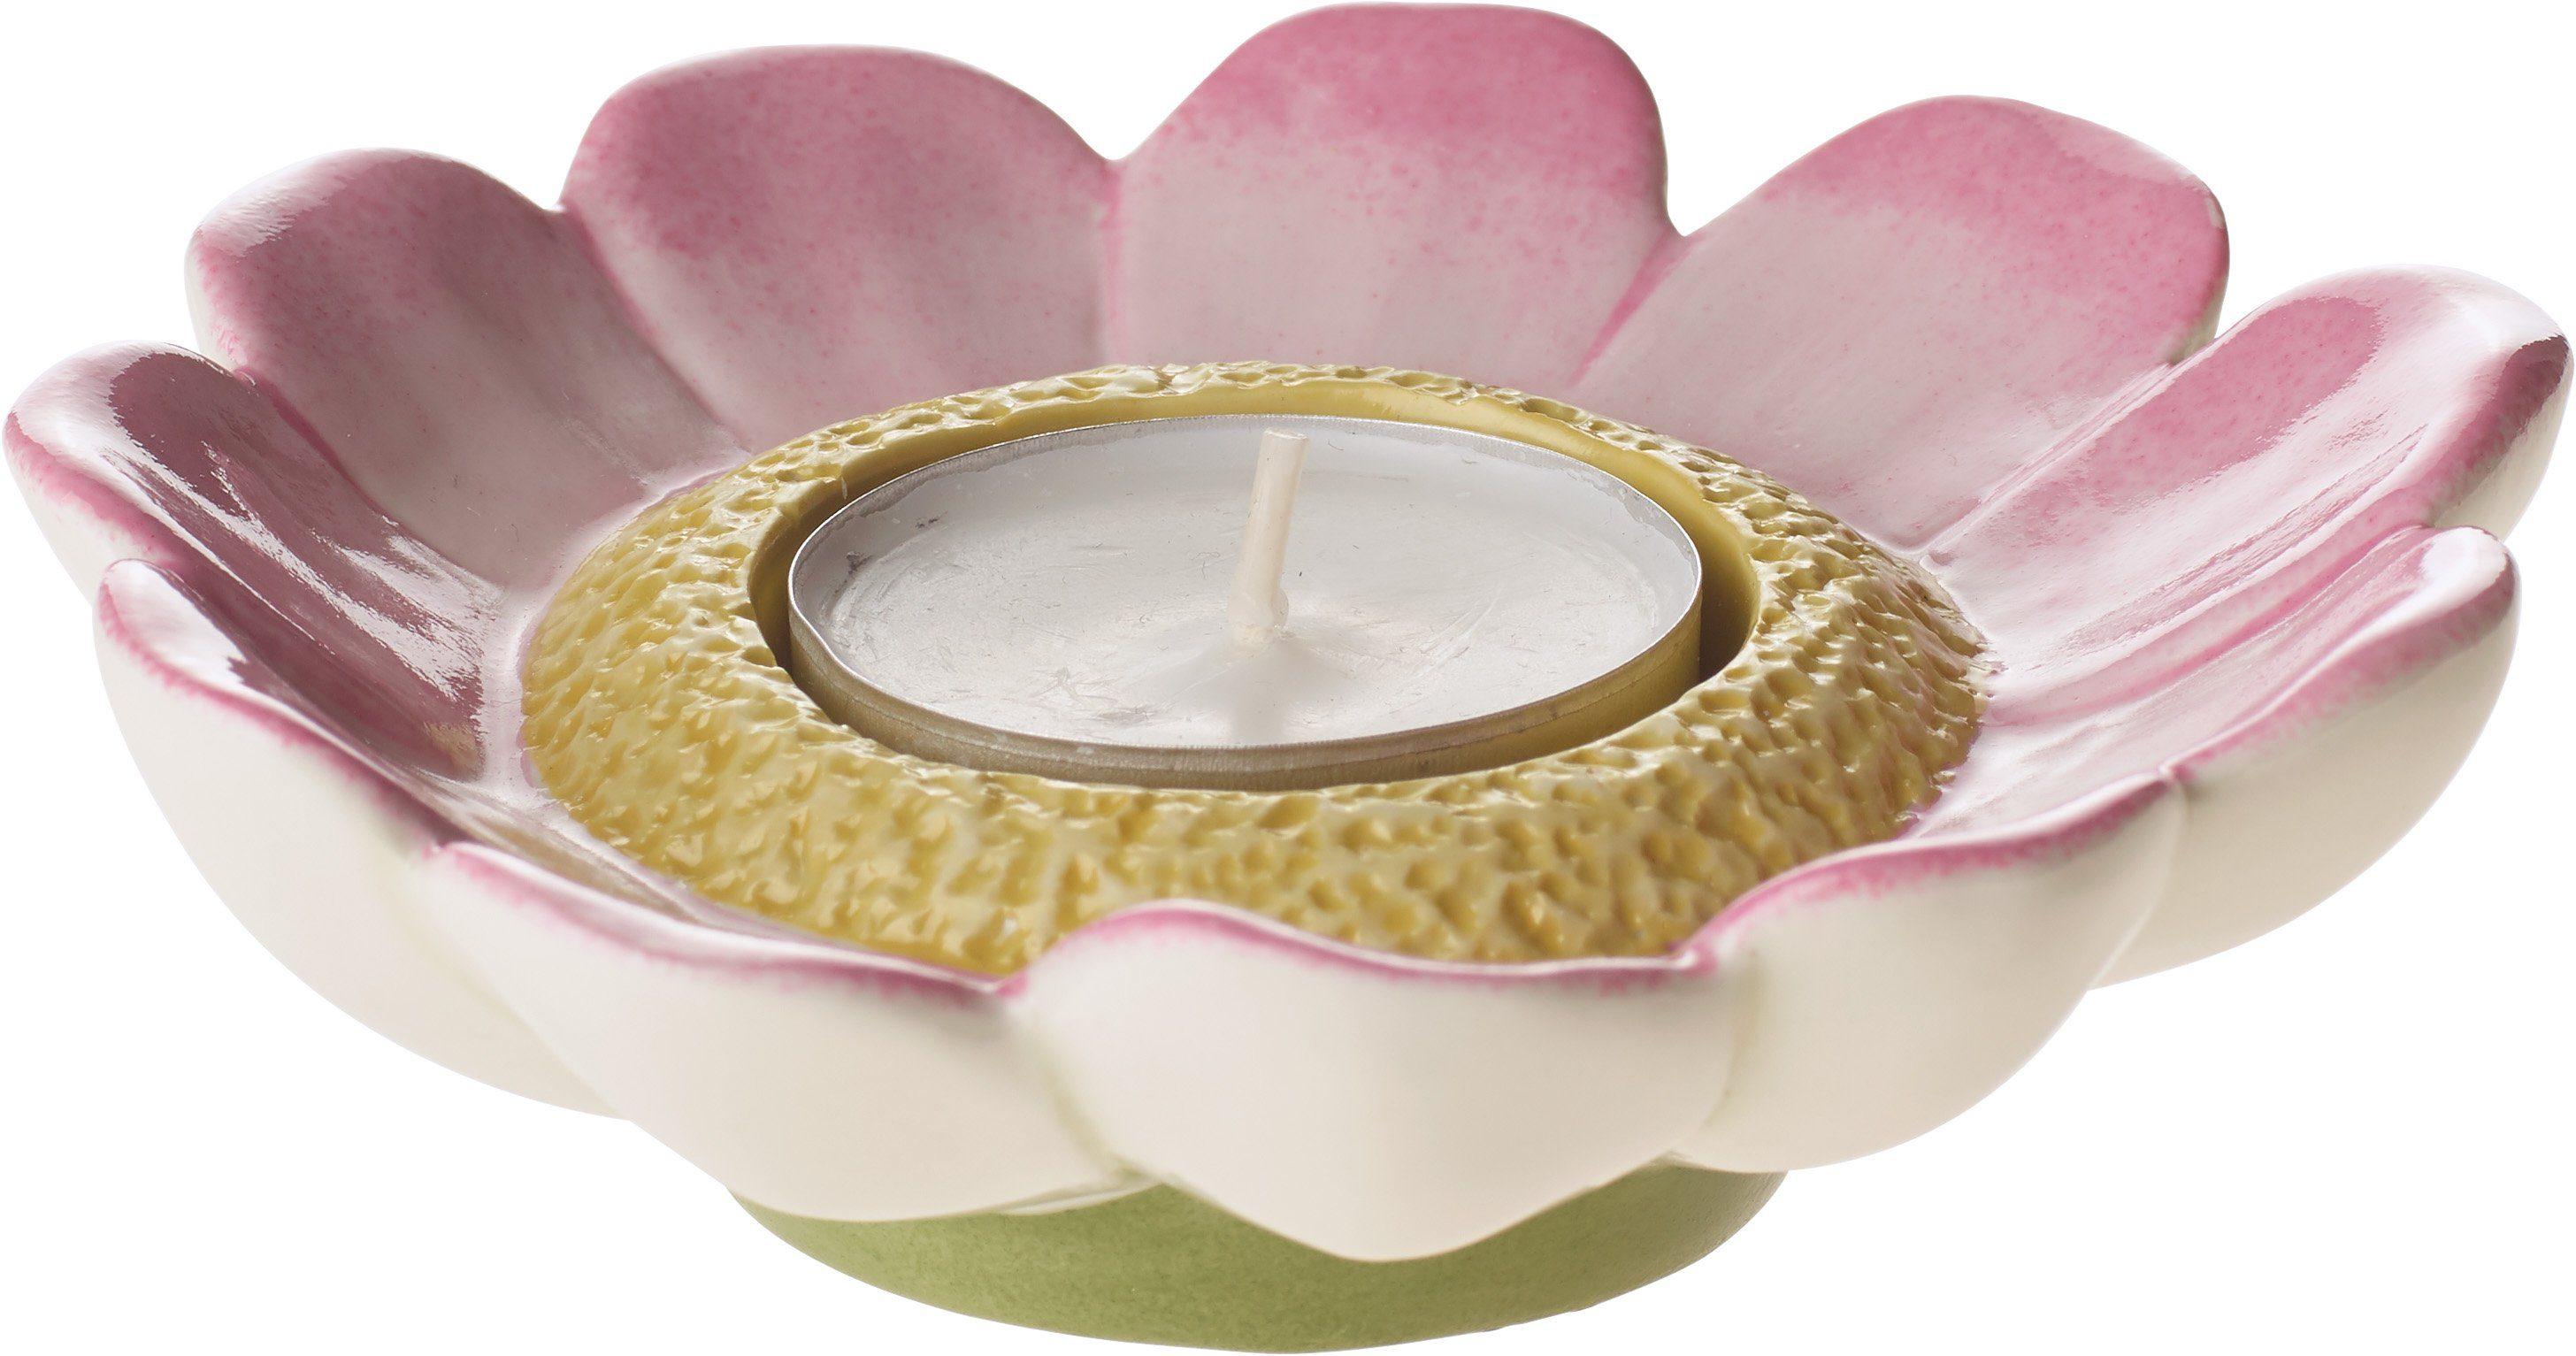 Villeroy & Boch Teelichthalter Margerite »Spring Awakening«